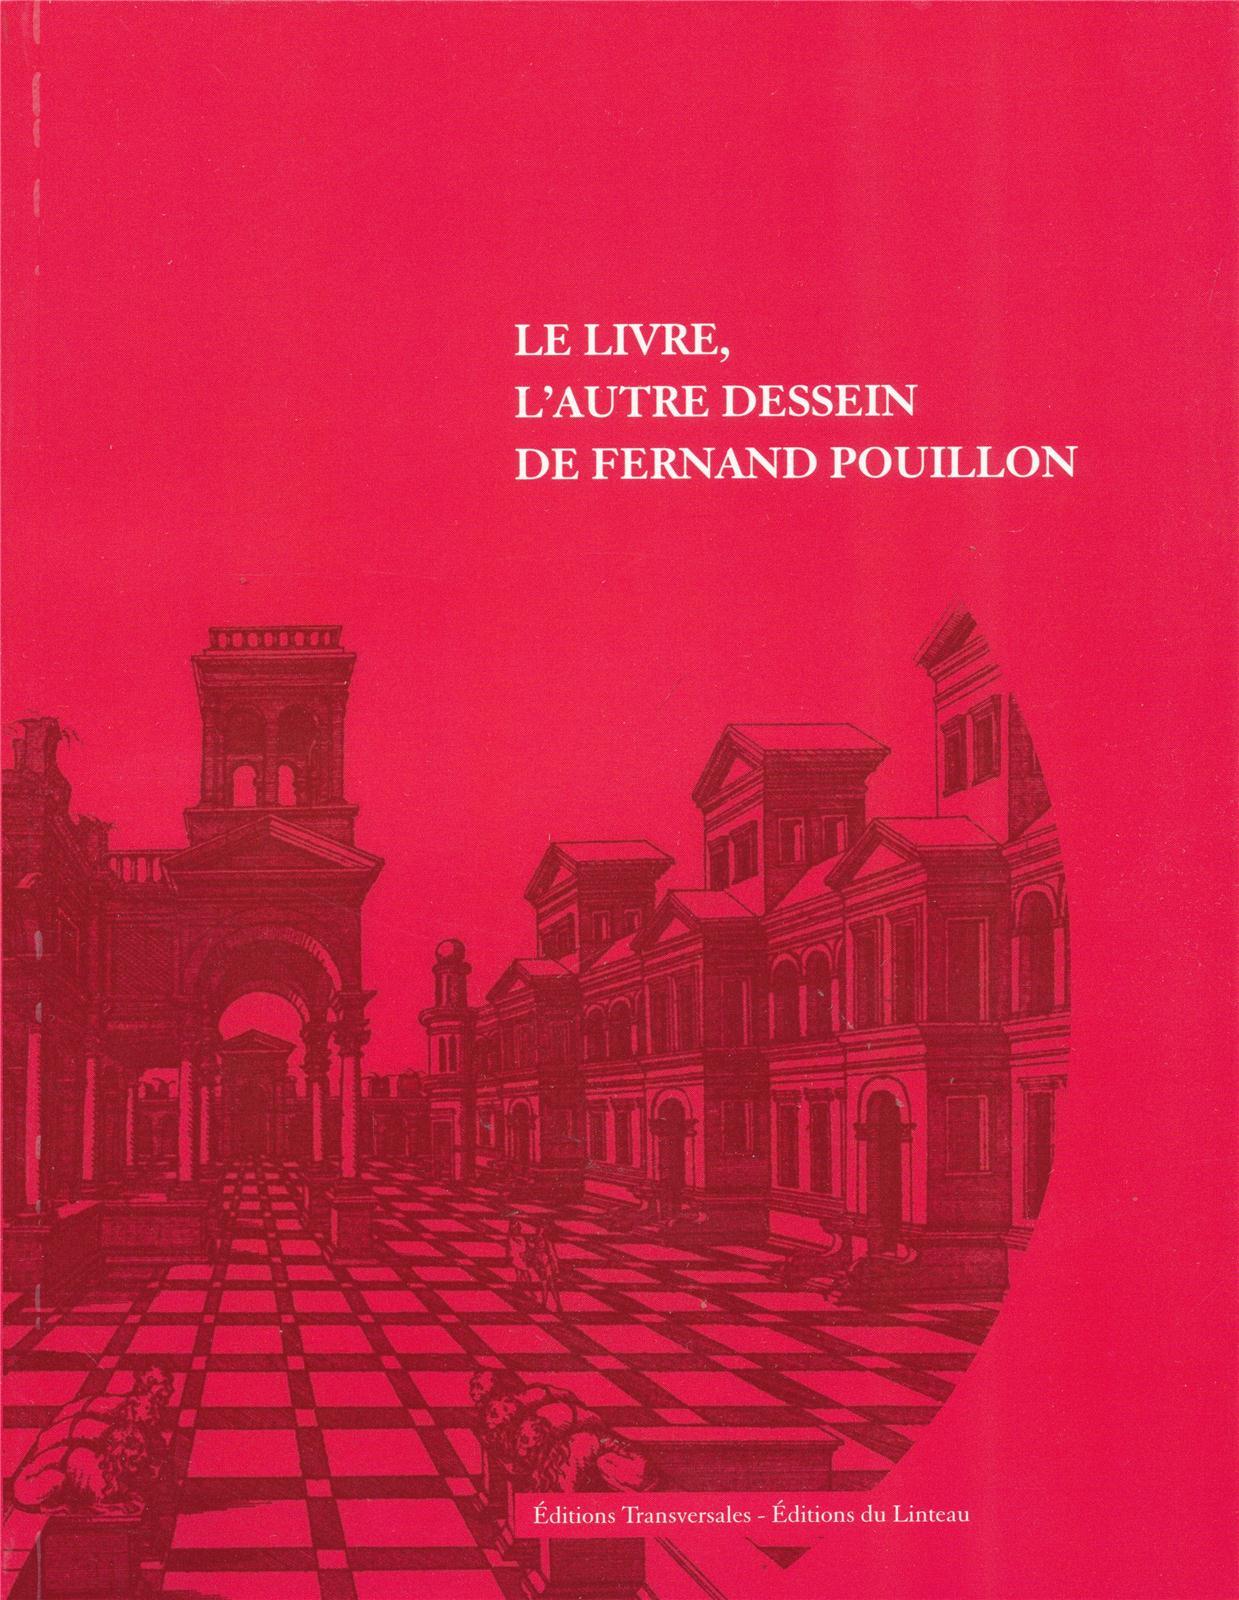 Les réalisations de Fernand Pouillon